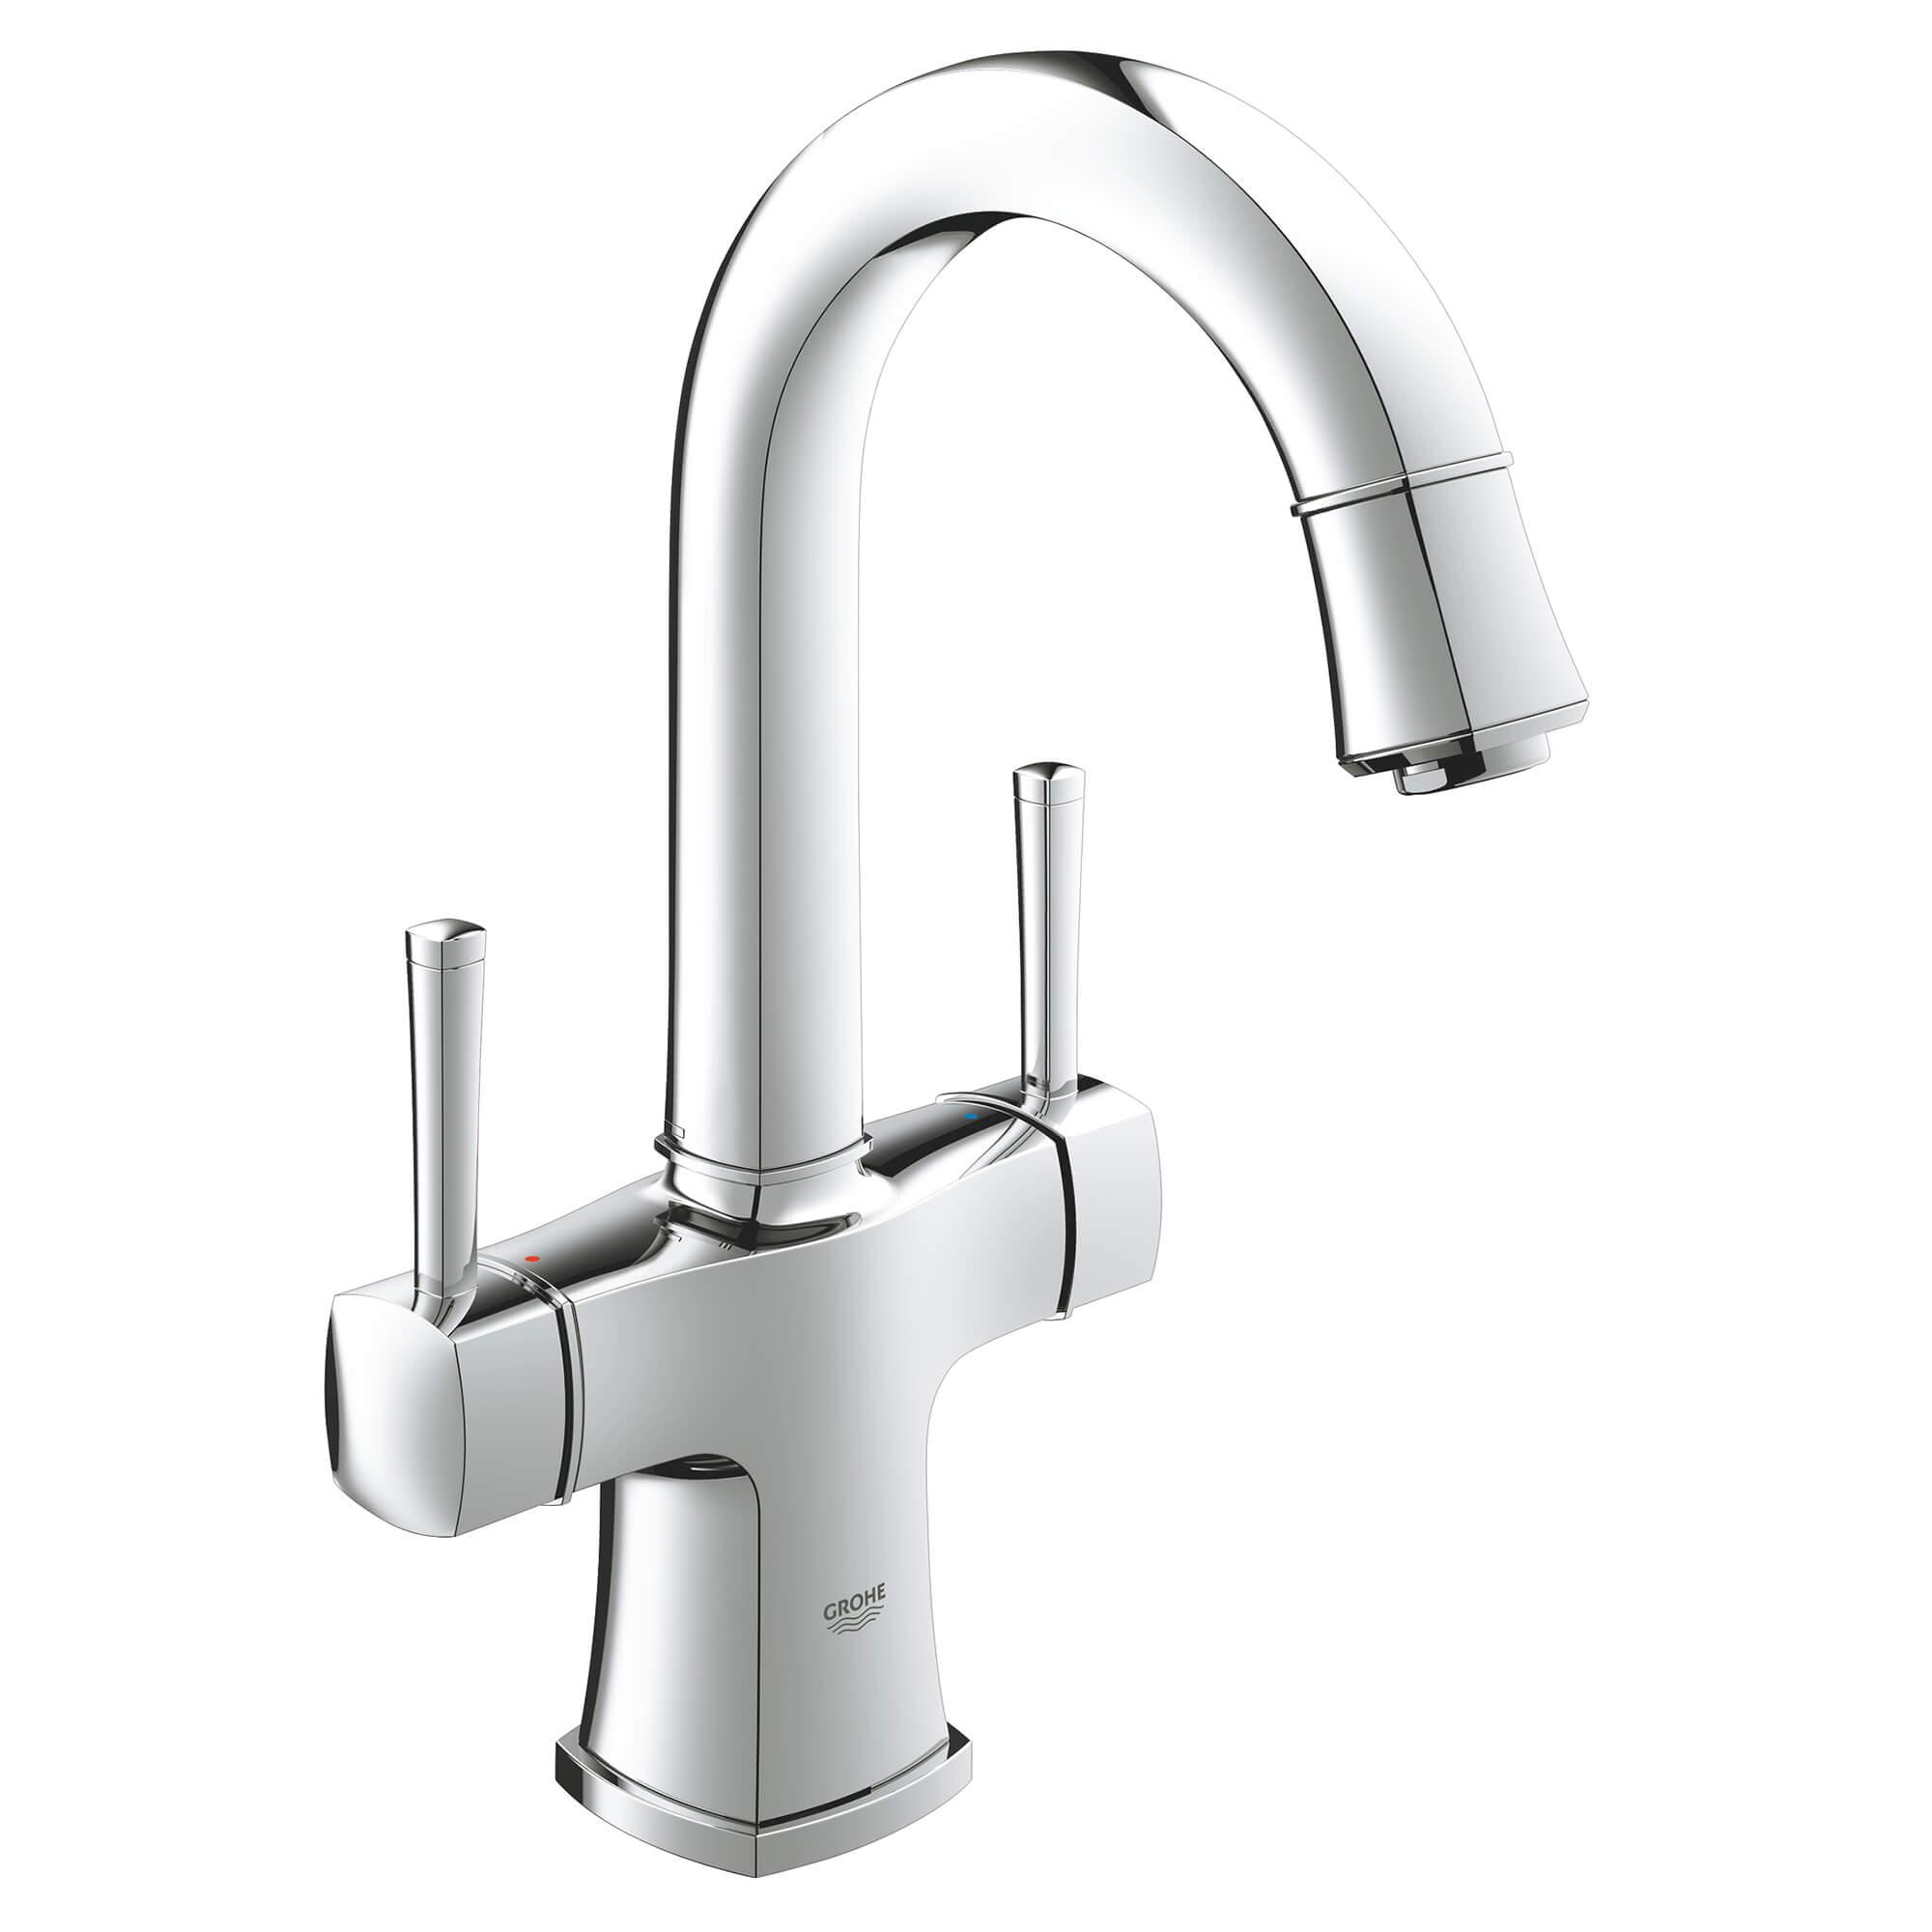 2 handle single hole high arc bathroom faucet